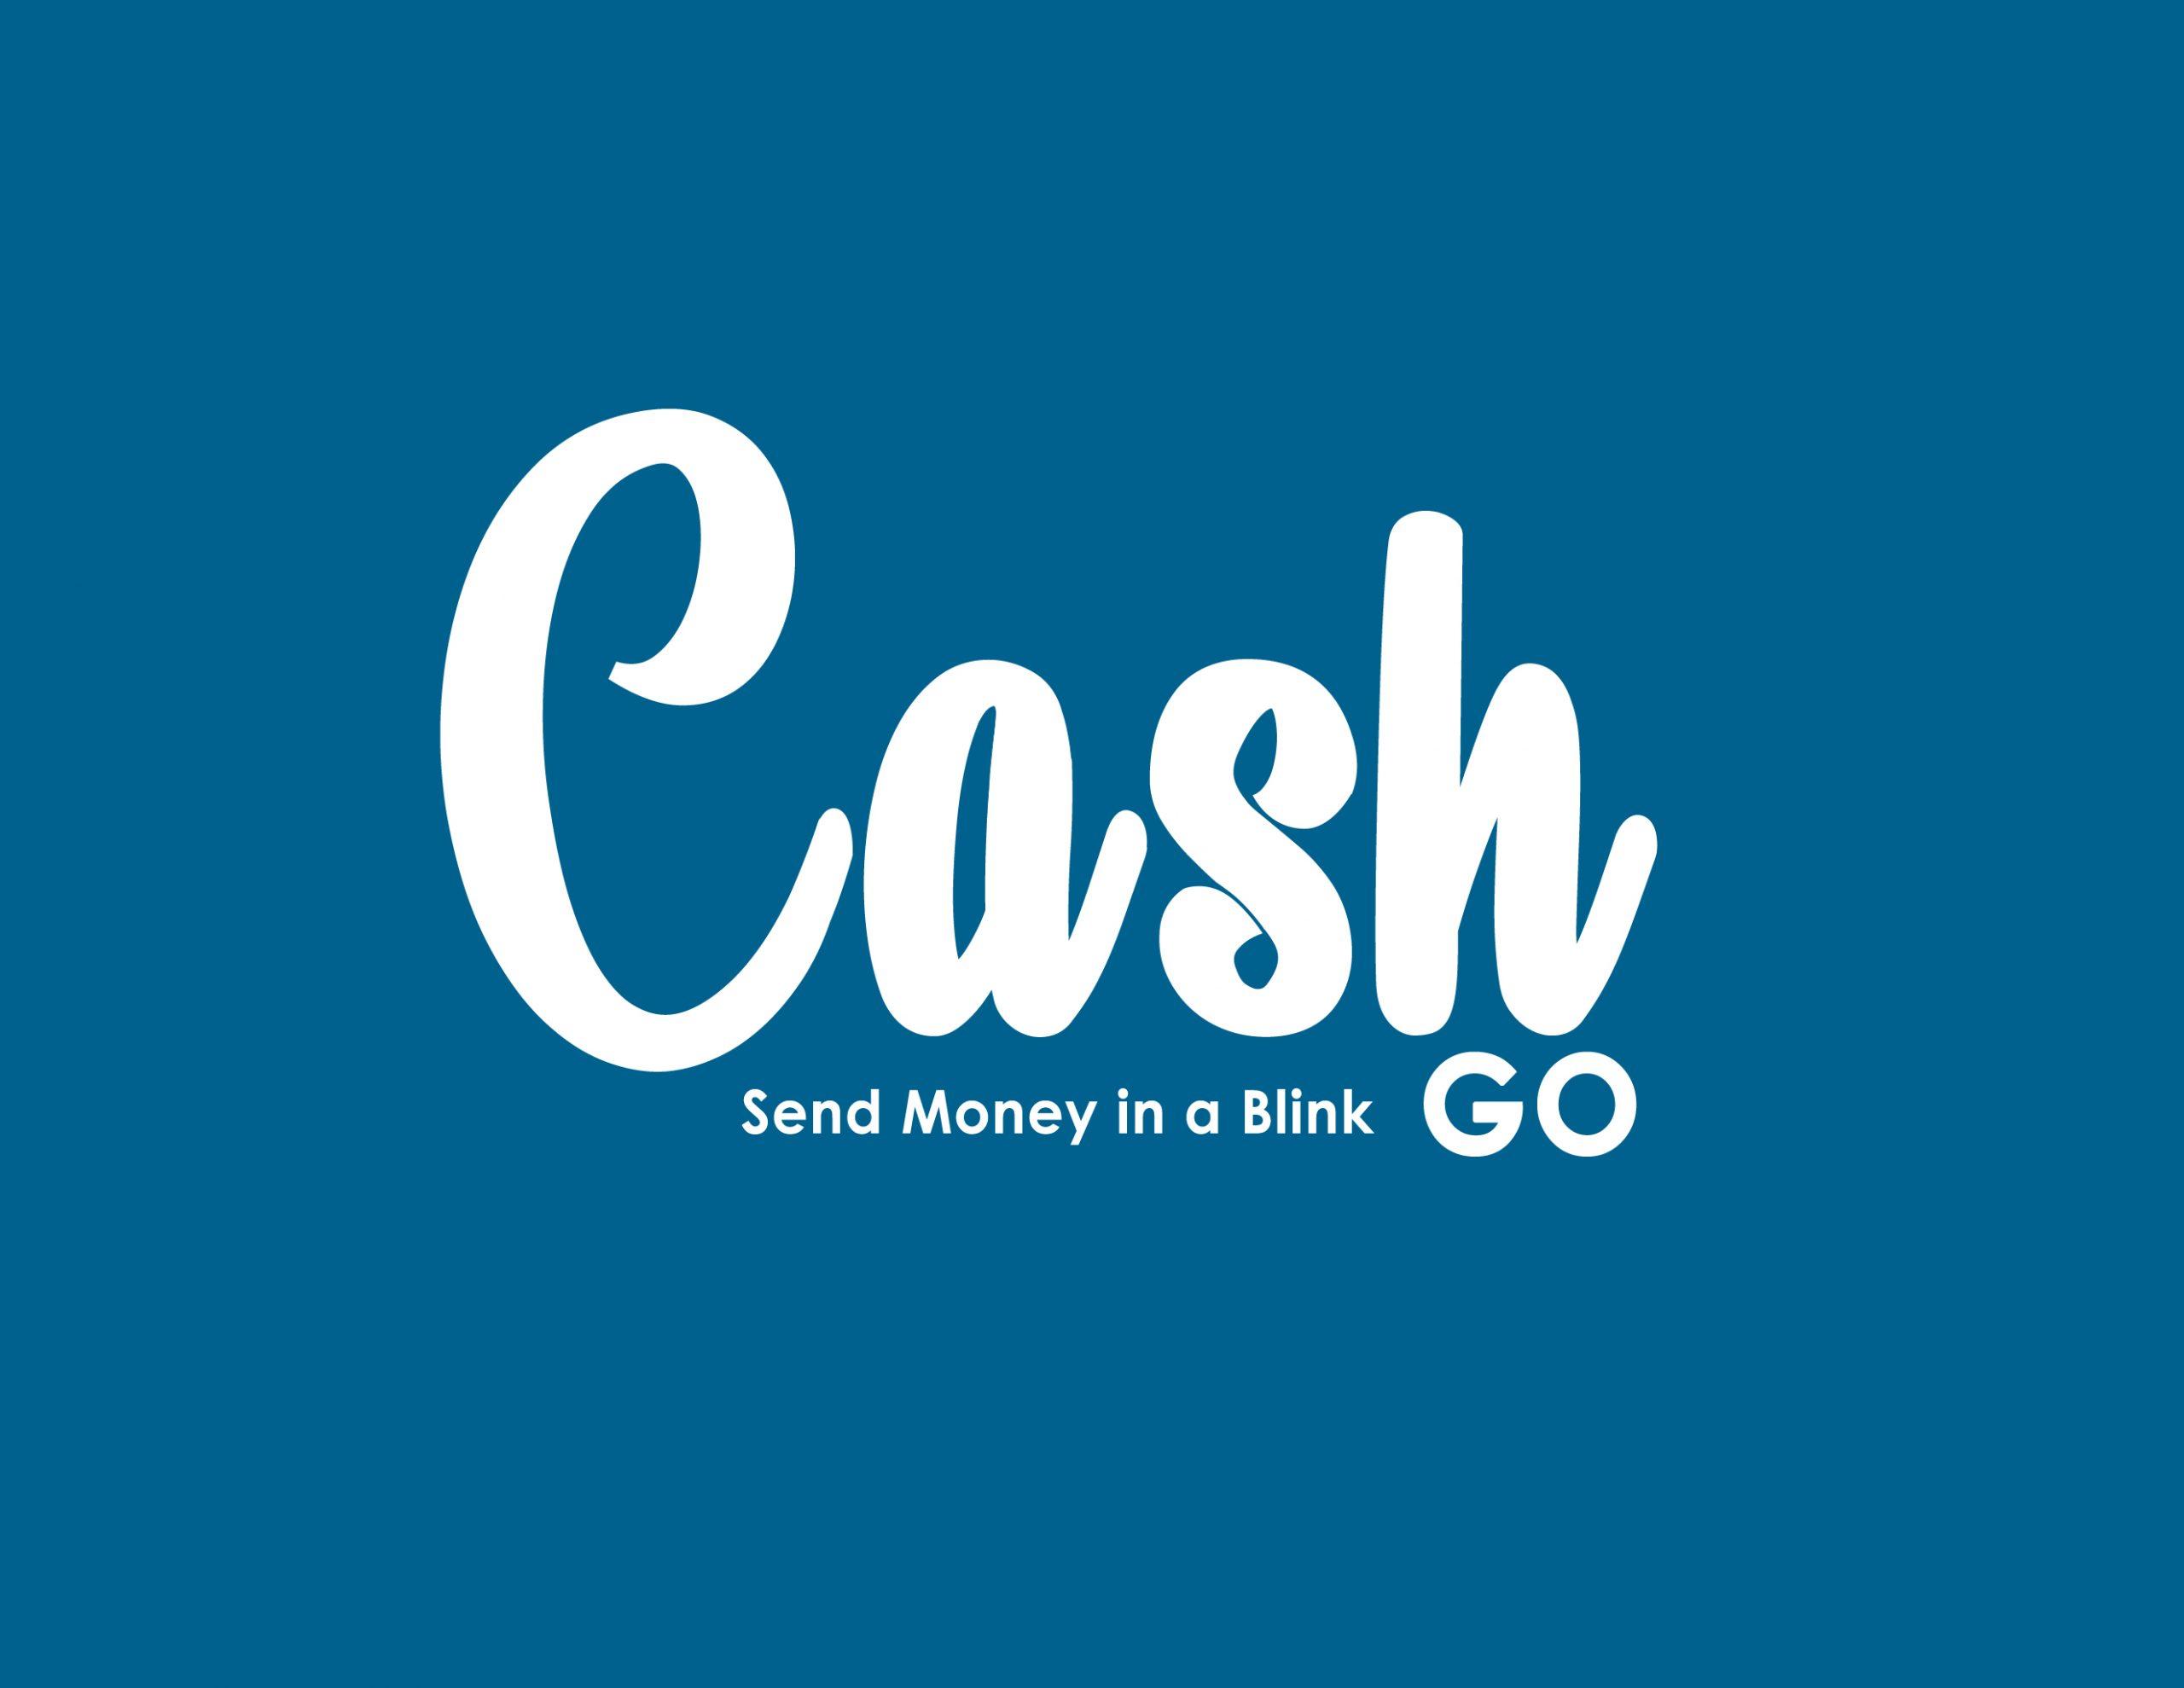 Cashgo